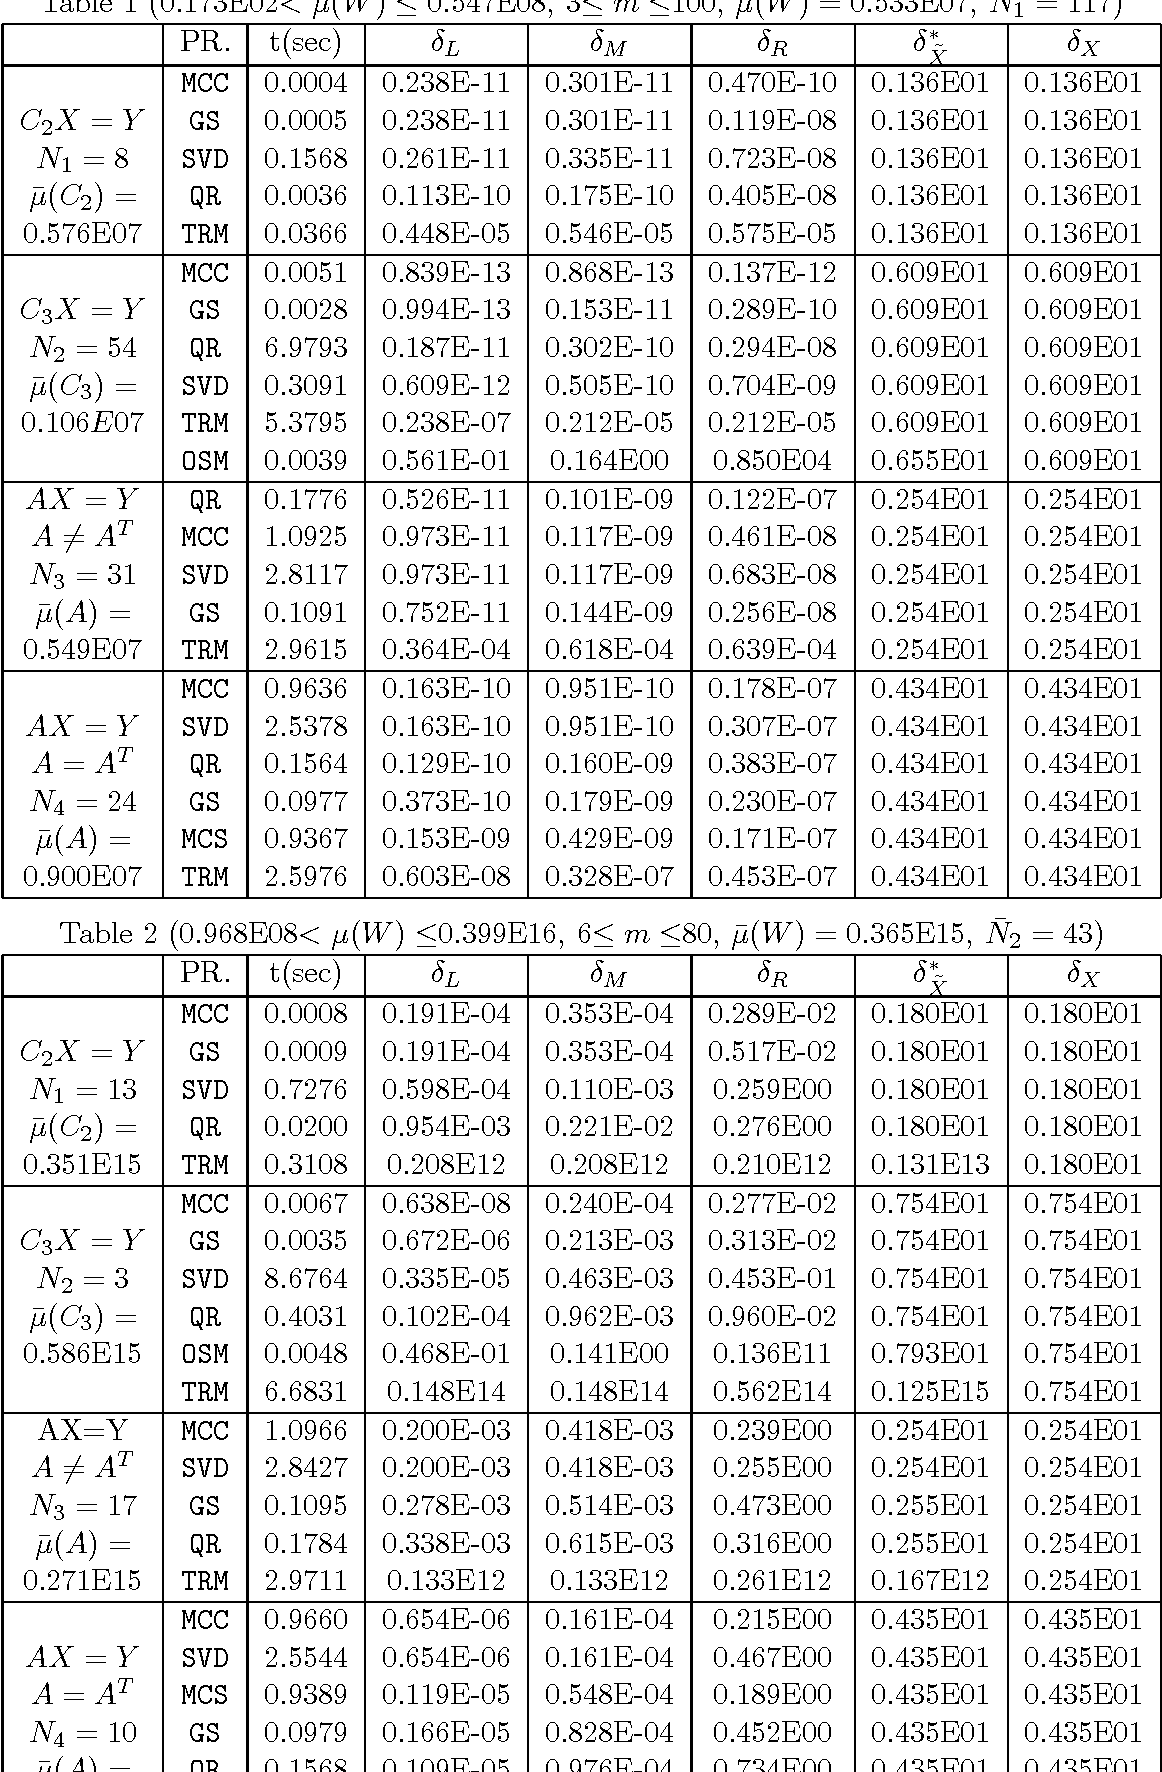 Table 2 (0.968E08< µ(W ) ≤0.399E16, 6≤ m ≤80, µ̄(W ) = 0.365E15, N̄2 = 43)